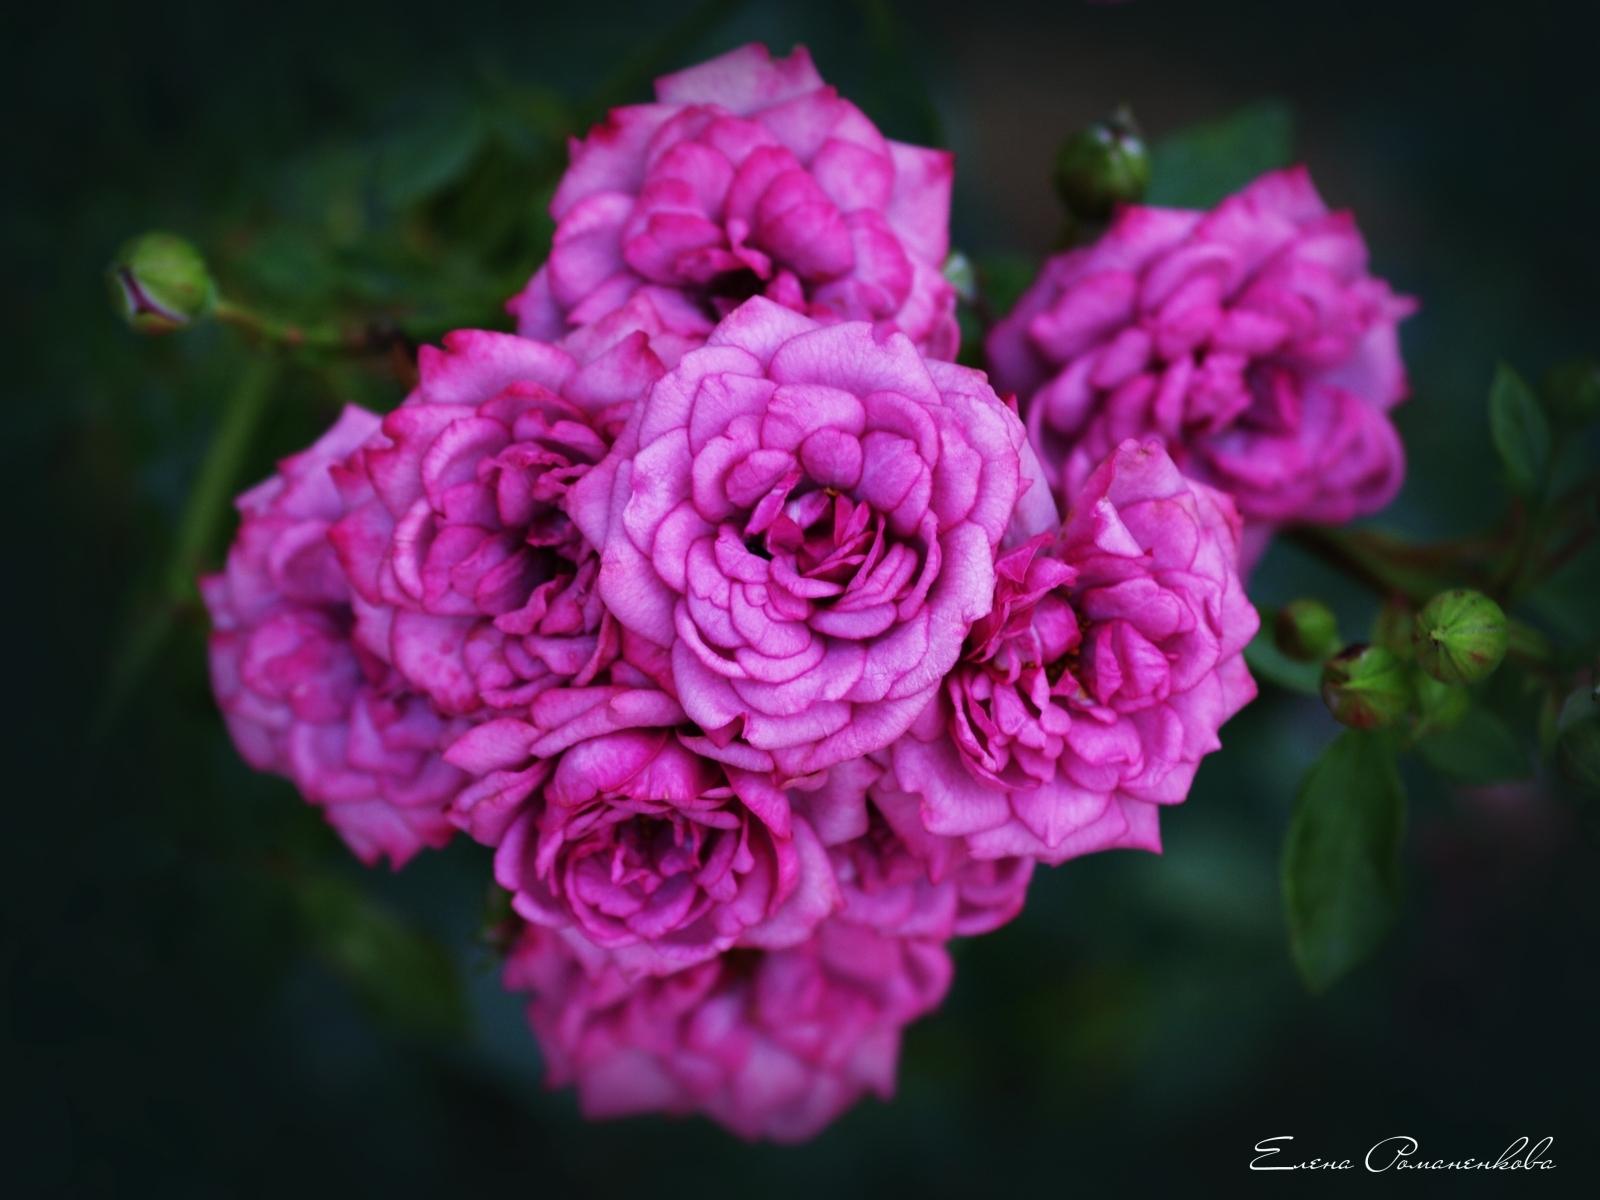 Скачать картинку Розы, Растения, Цветы в телефон бесплатно.